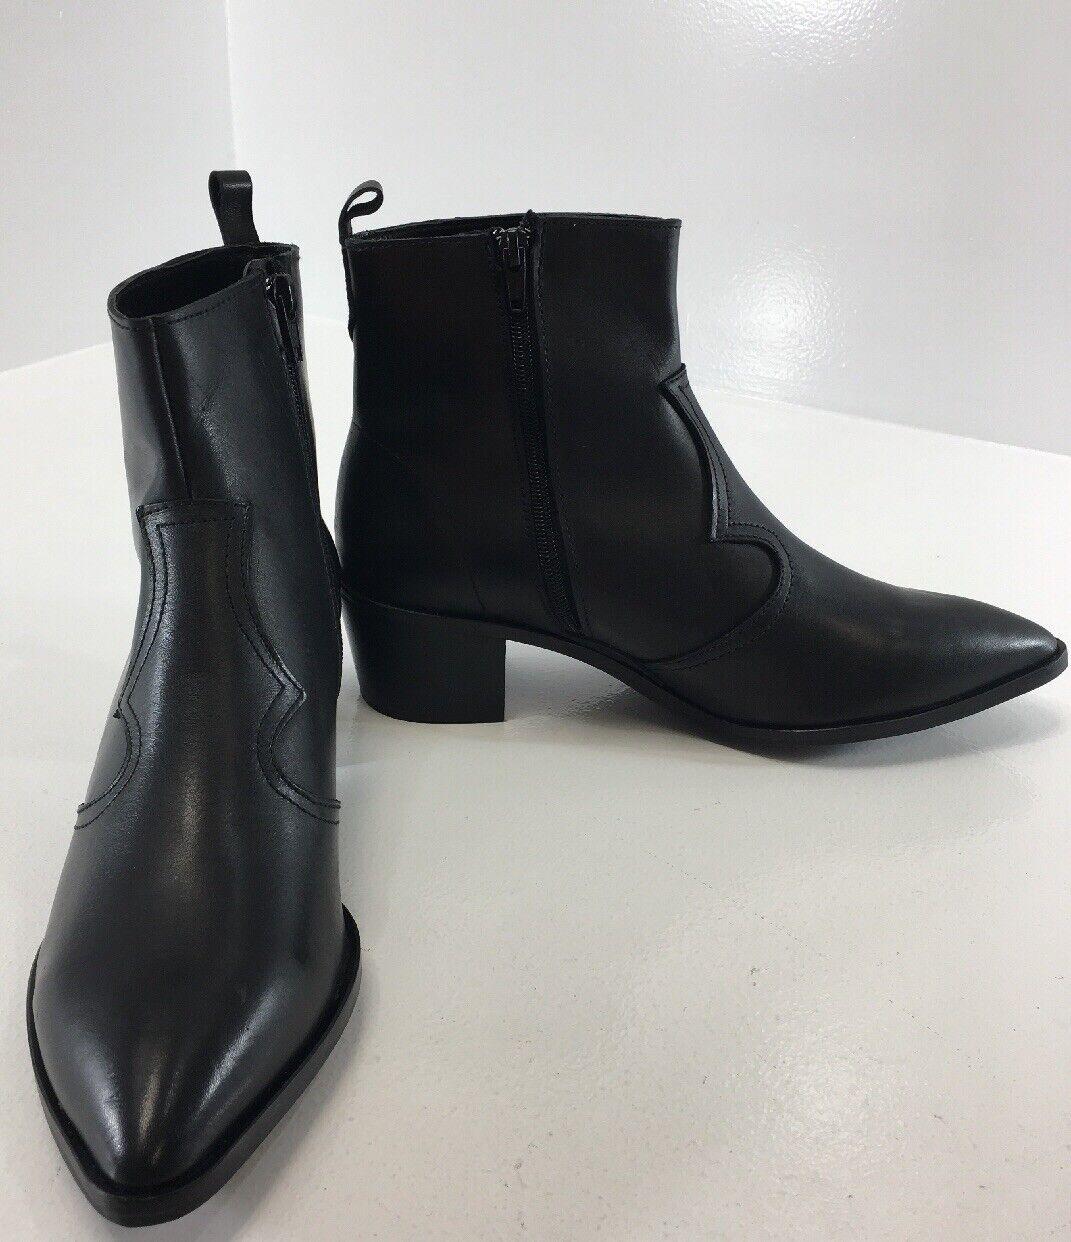 Depp Cuero Para Mujer botas al tobillo con cremallera lateral Color Negro Talla US 10 UK 8 Nuevo